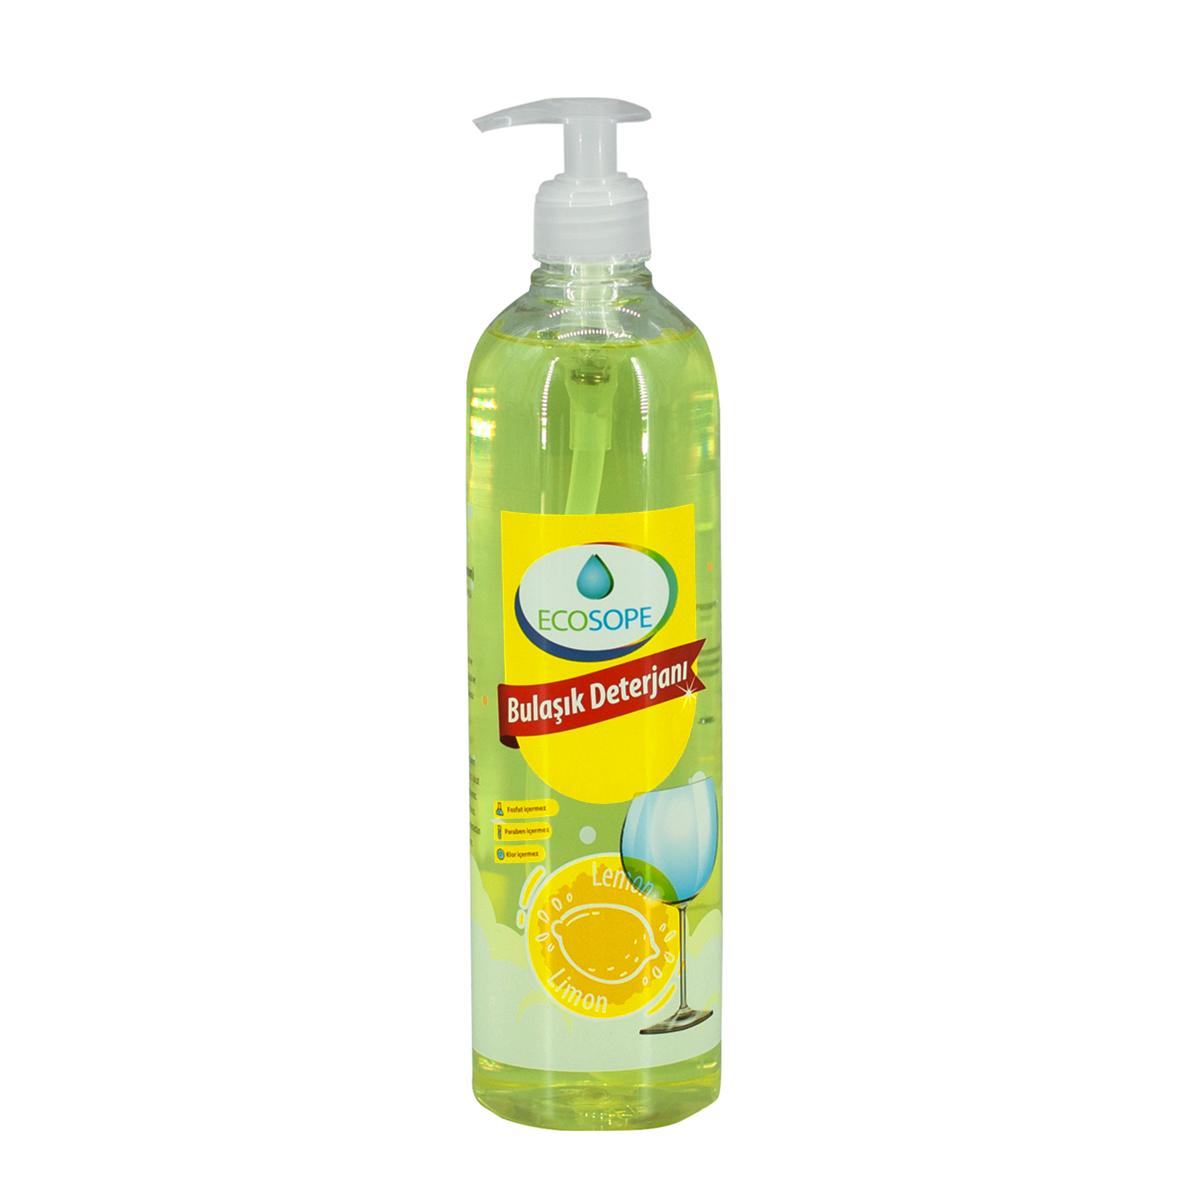 Ecosope Elde Bulaşık Deterjanı / Limon